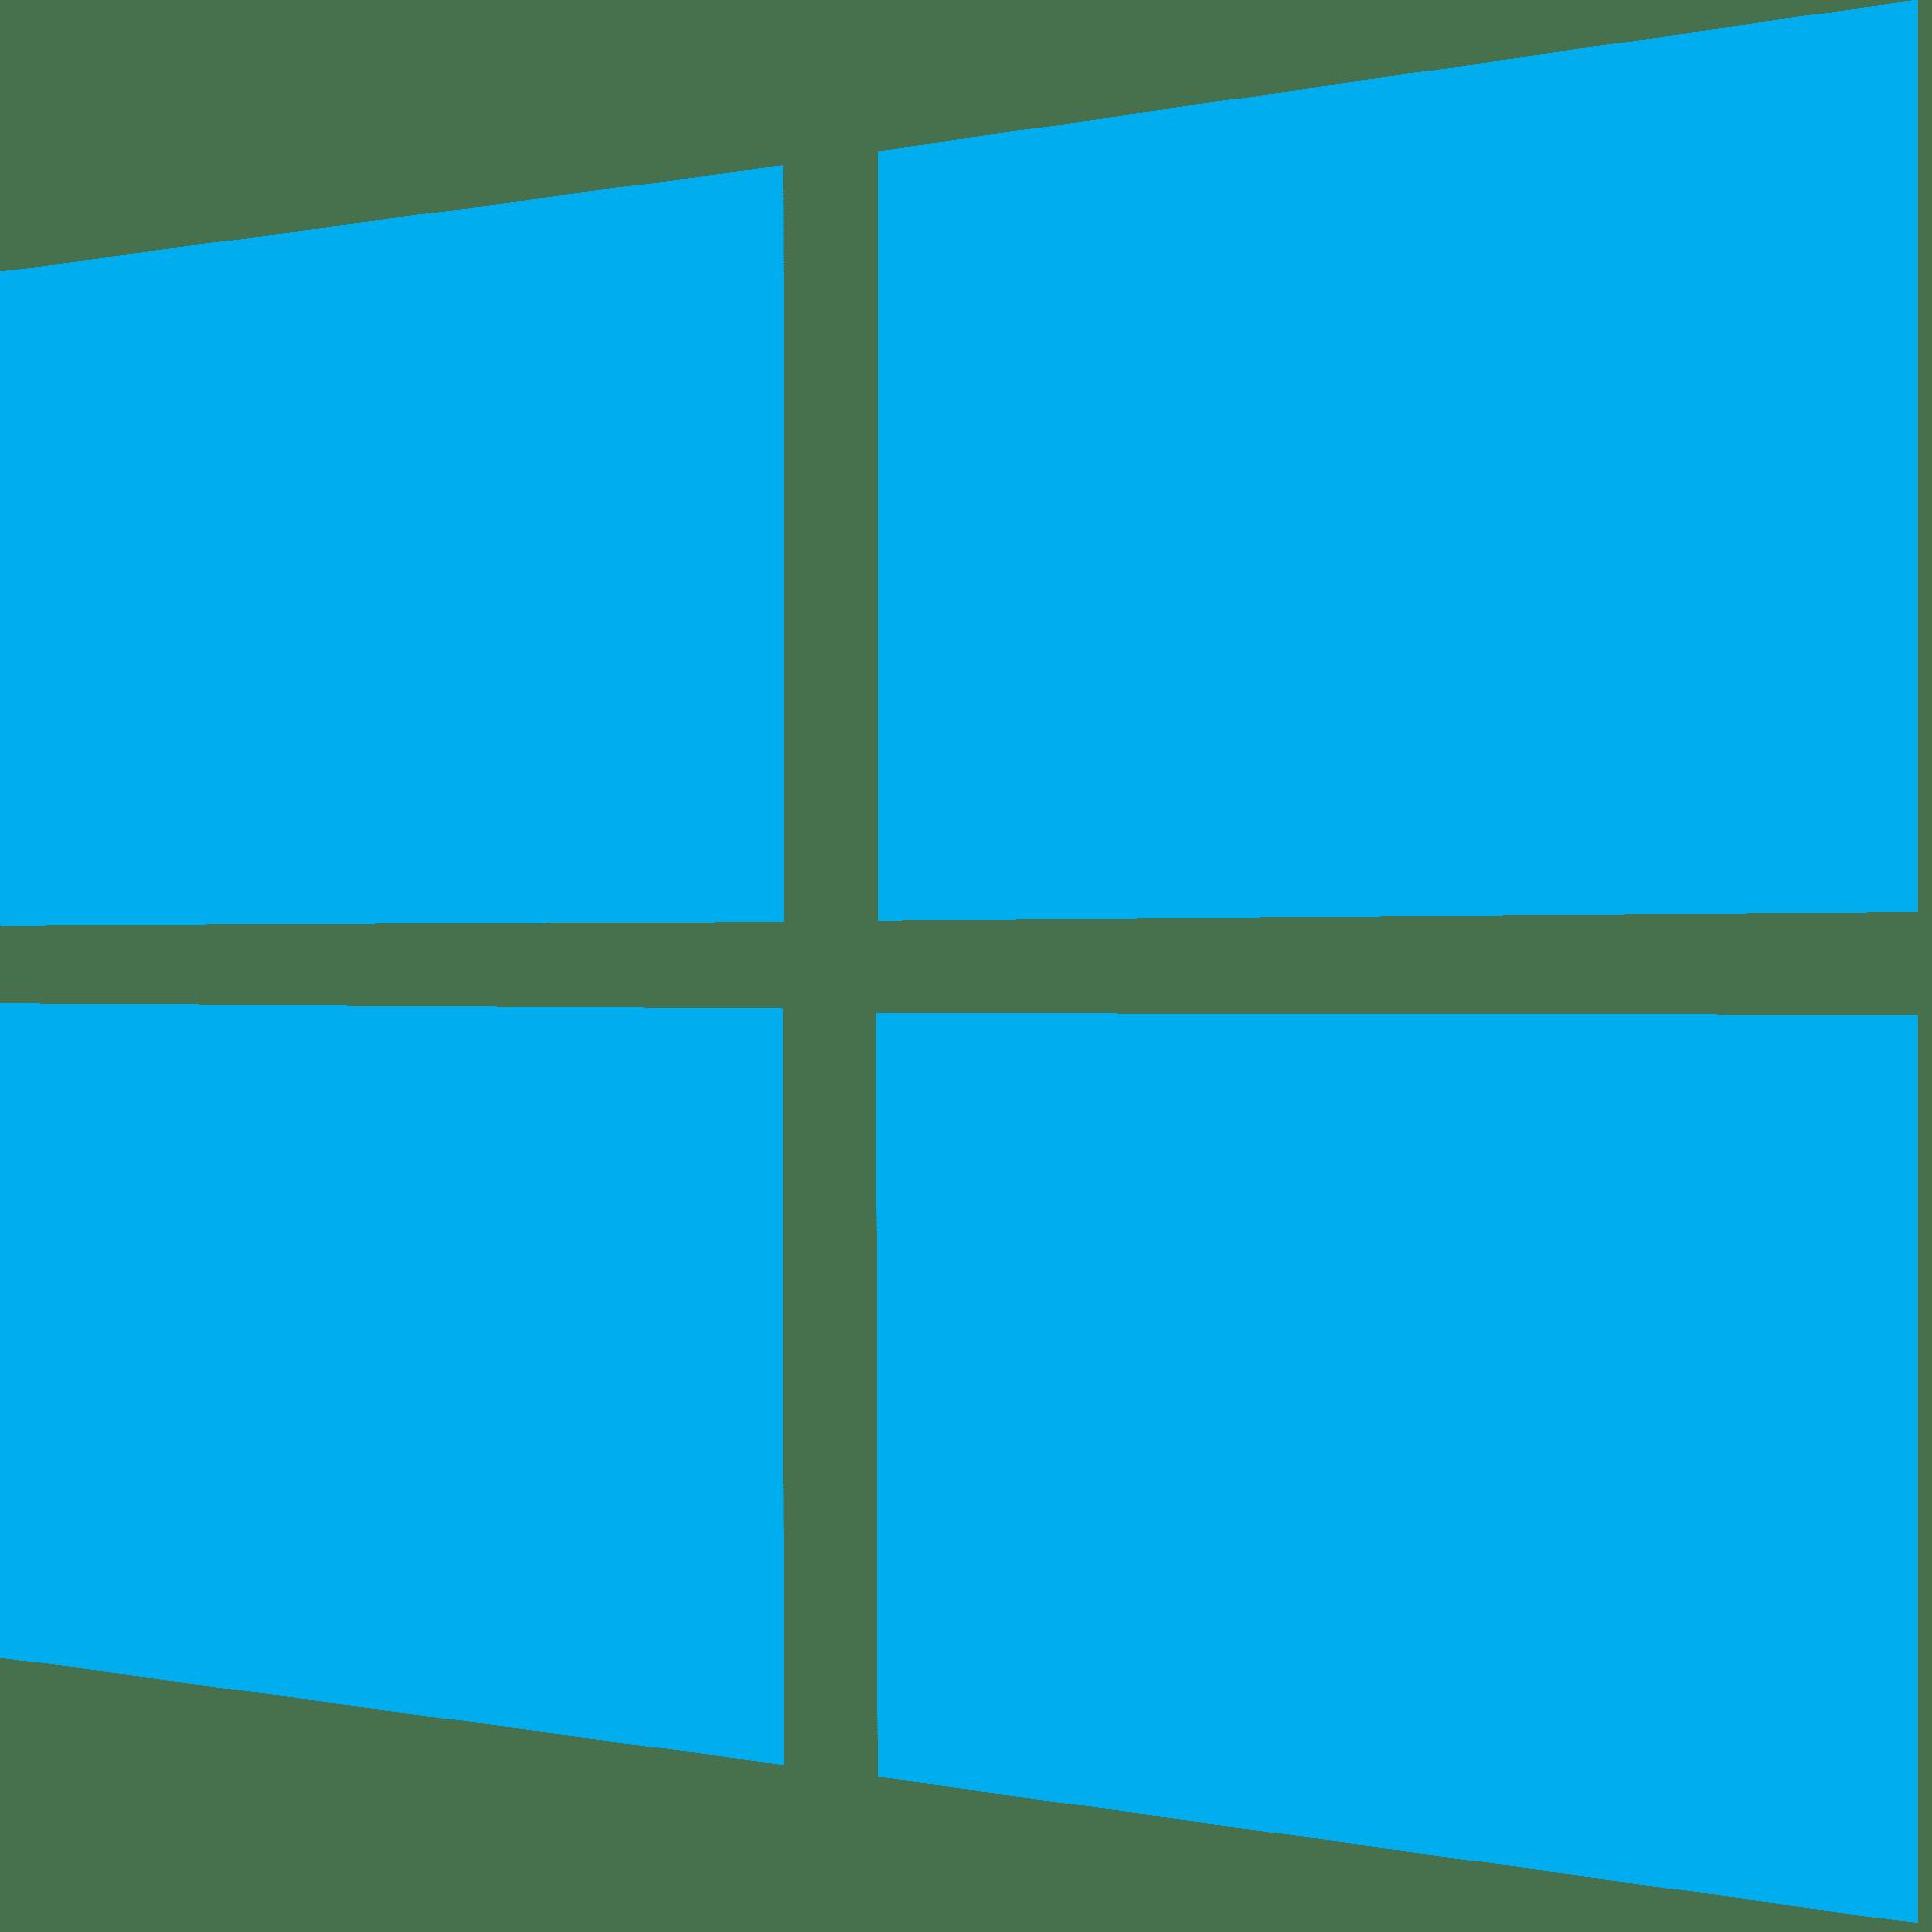 Windows 8/10